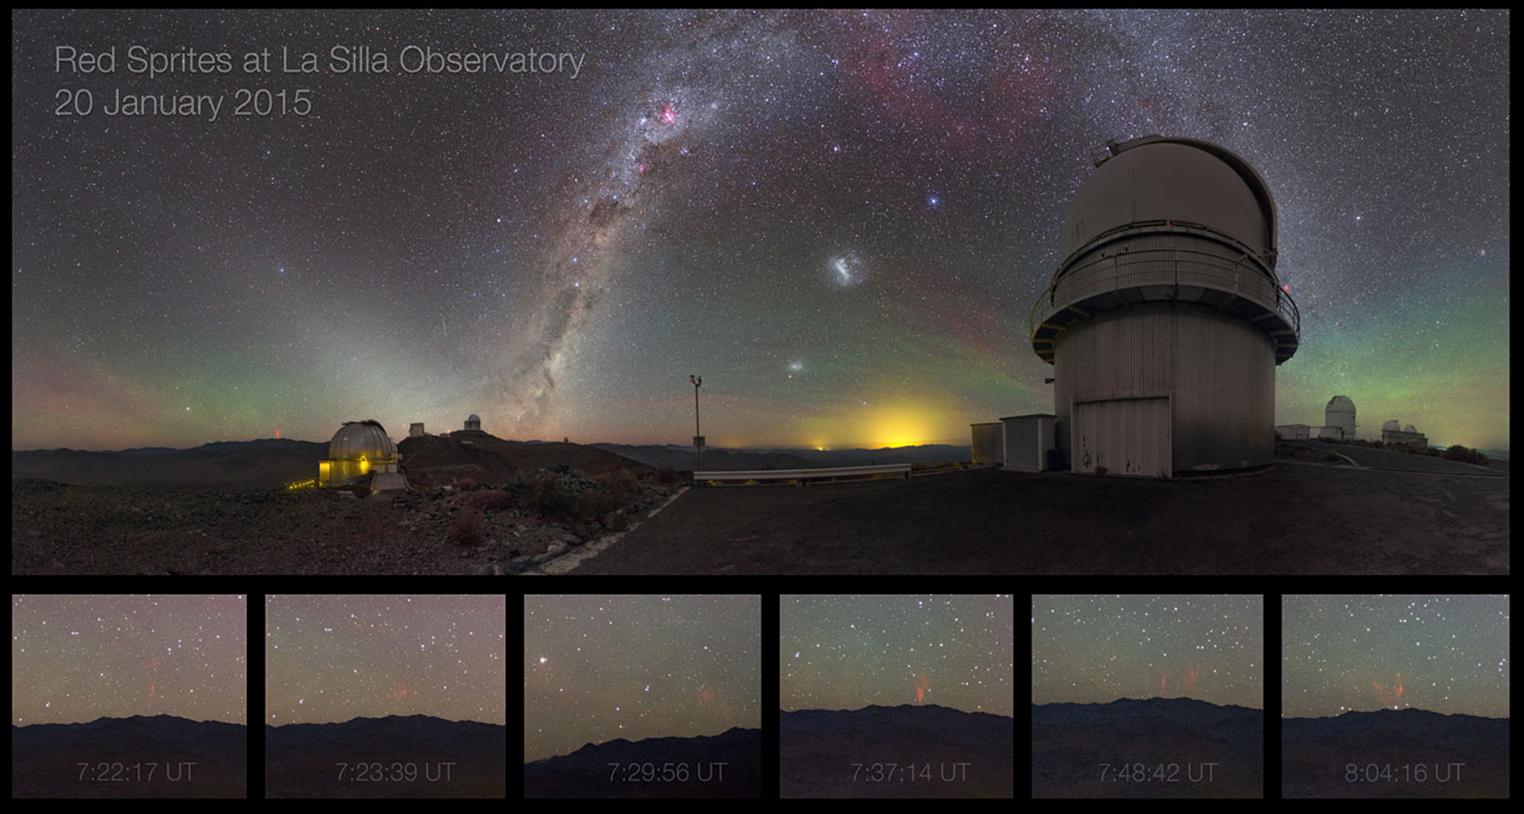 Tsekkiläisen Petr Horálekin upea kuvasarja La Sillan observatoriolta kuvattuna 20.1.2015